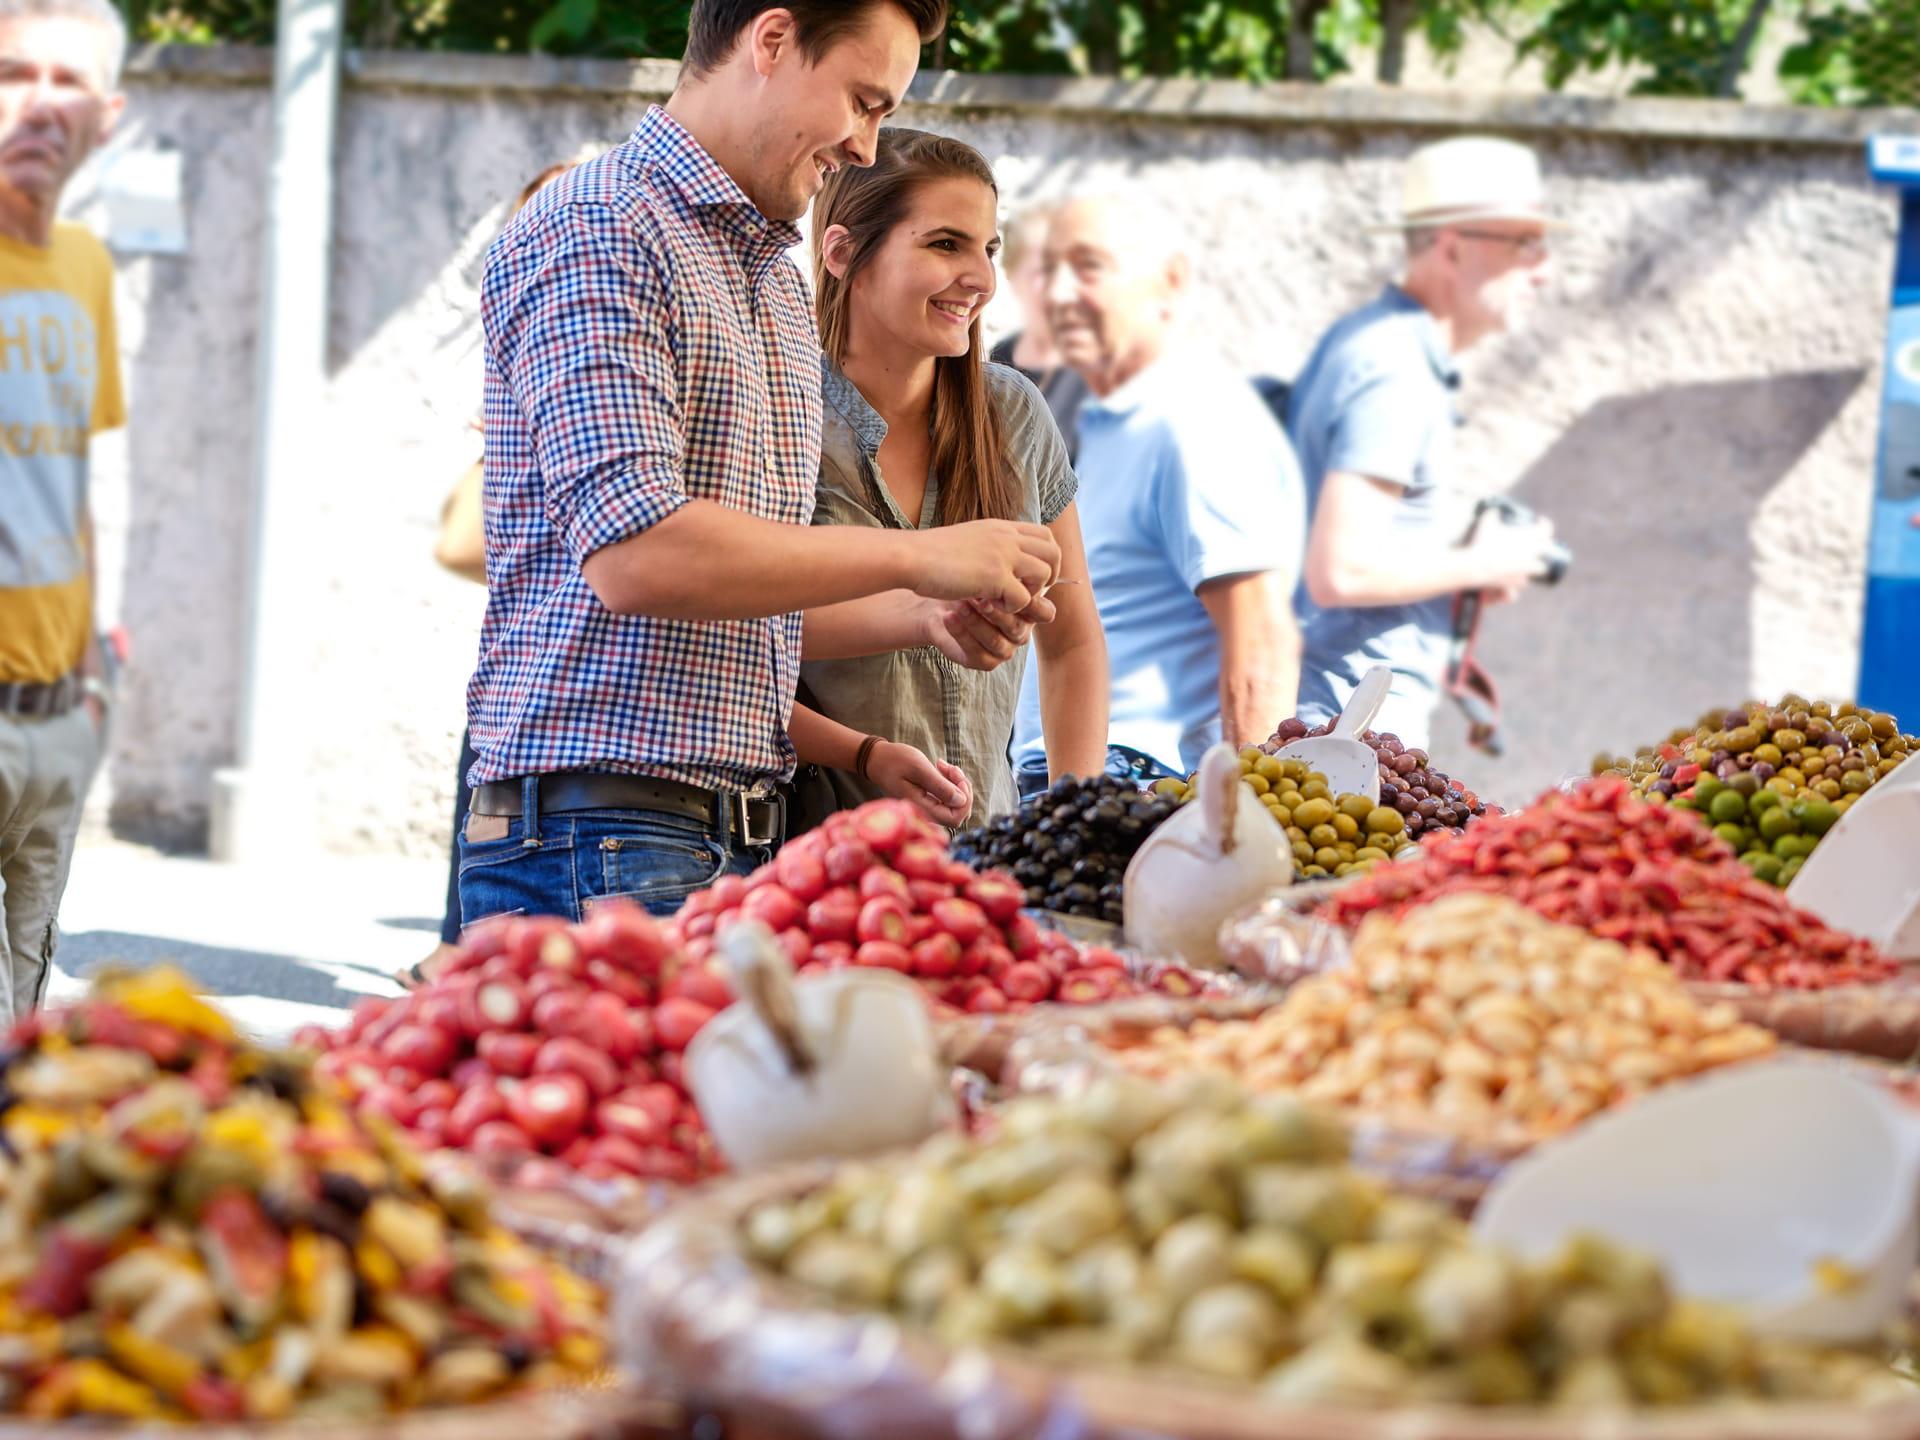 Ein junges Paar verhandelt mit dem Verkäufer über den Preis der Antipasti.